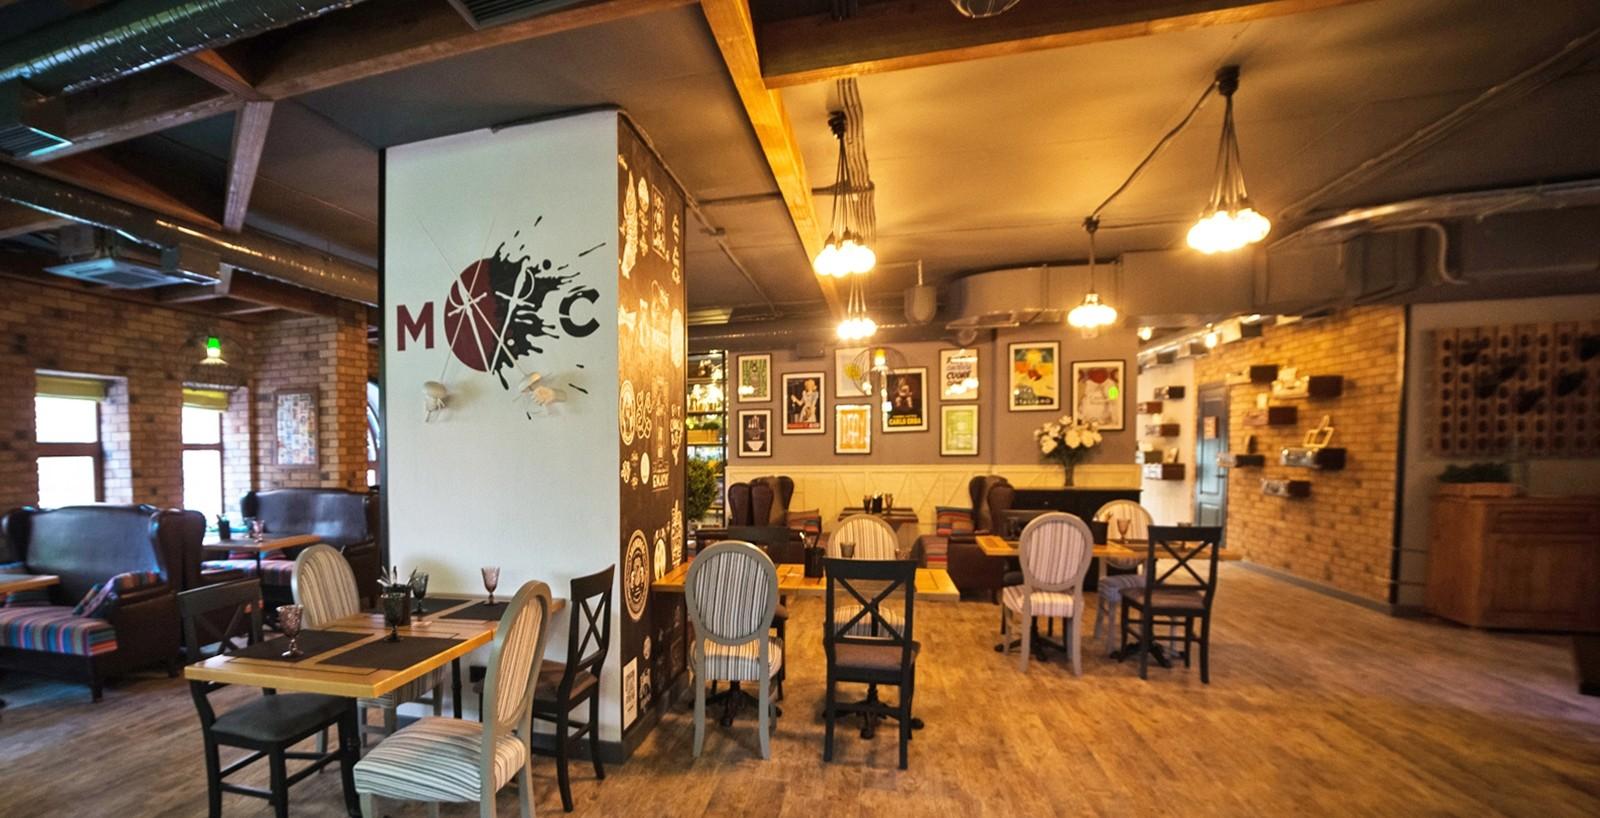 Ресторан Montecchi Capuleti, совладельцем которого является тесть Турчинова